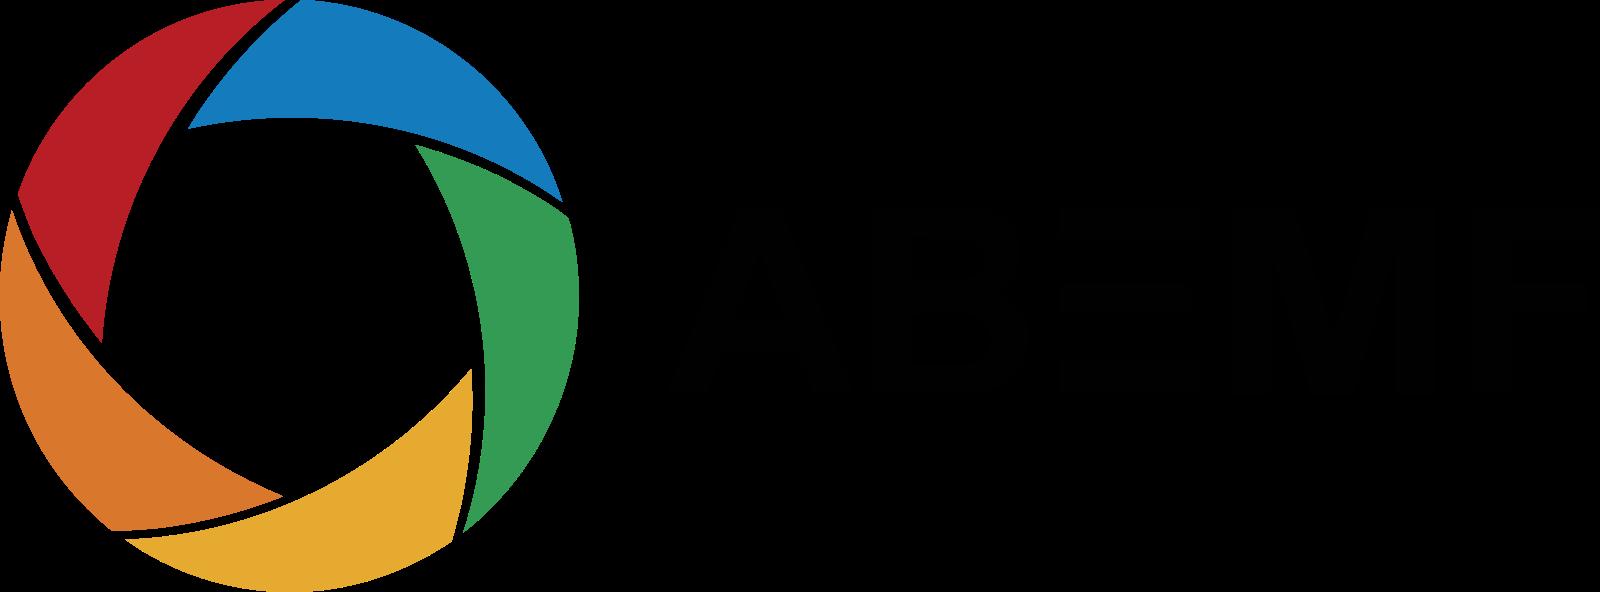 abemf-logo-5